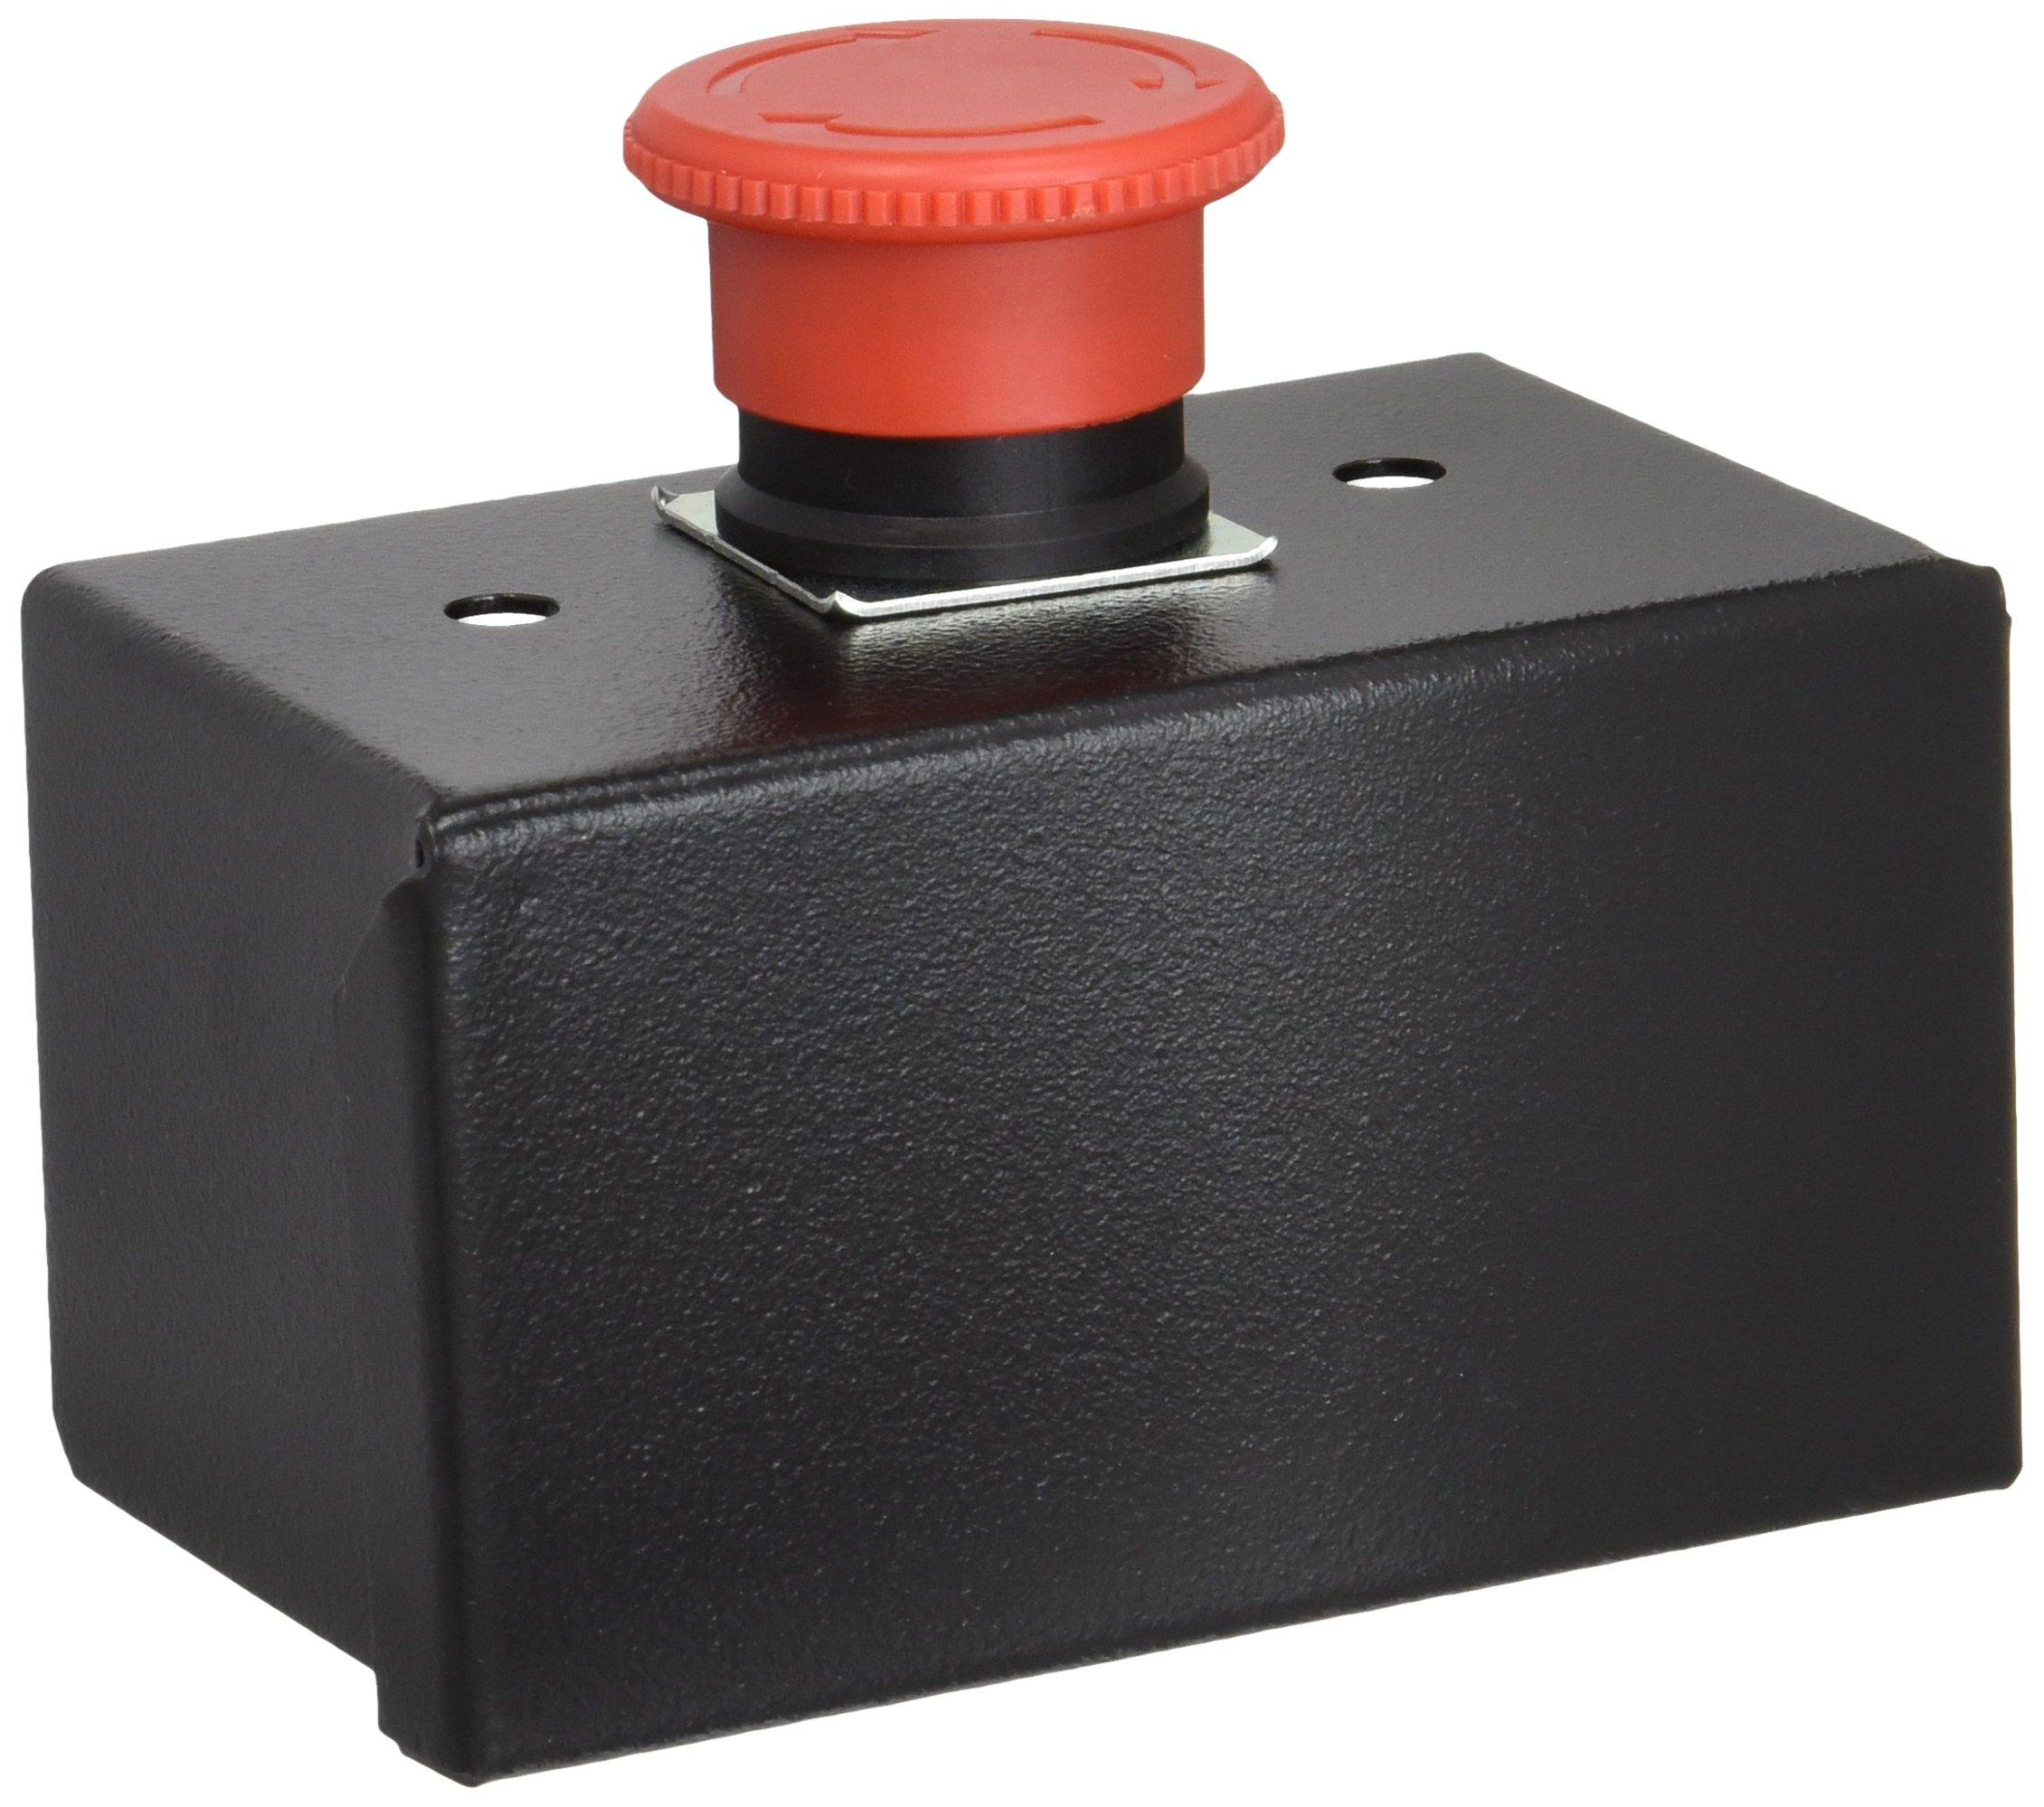 Generac Protector Series Emergency Stop Kit for Diesel Generators